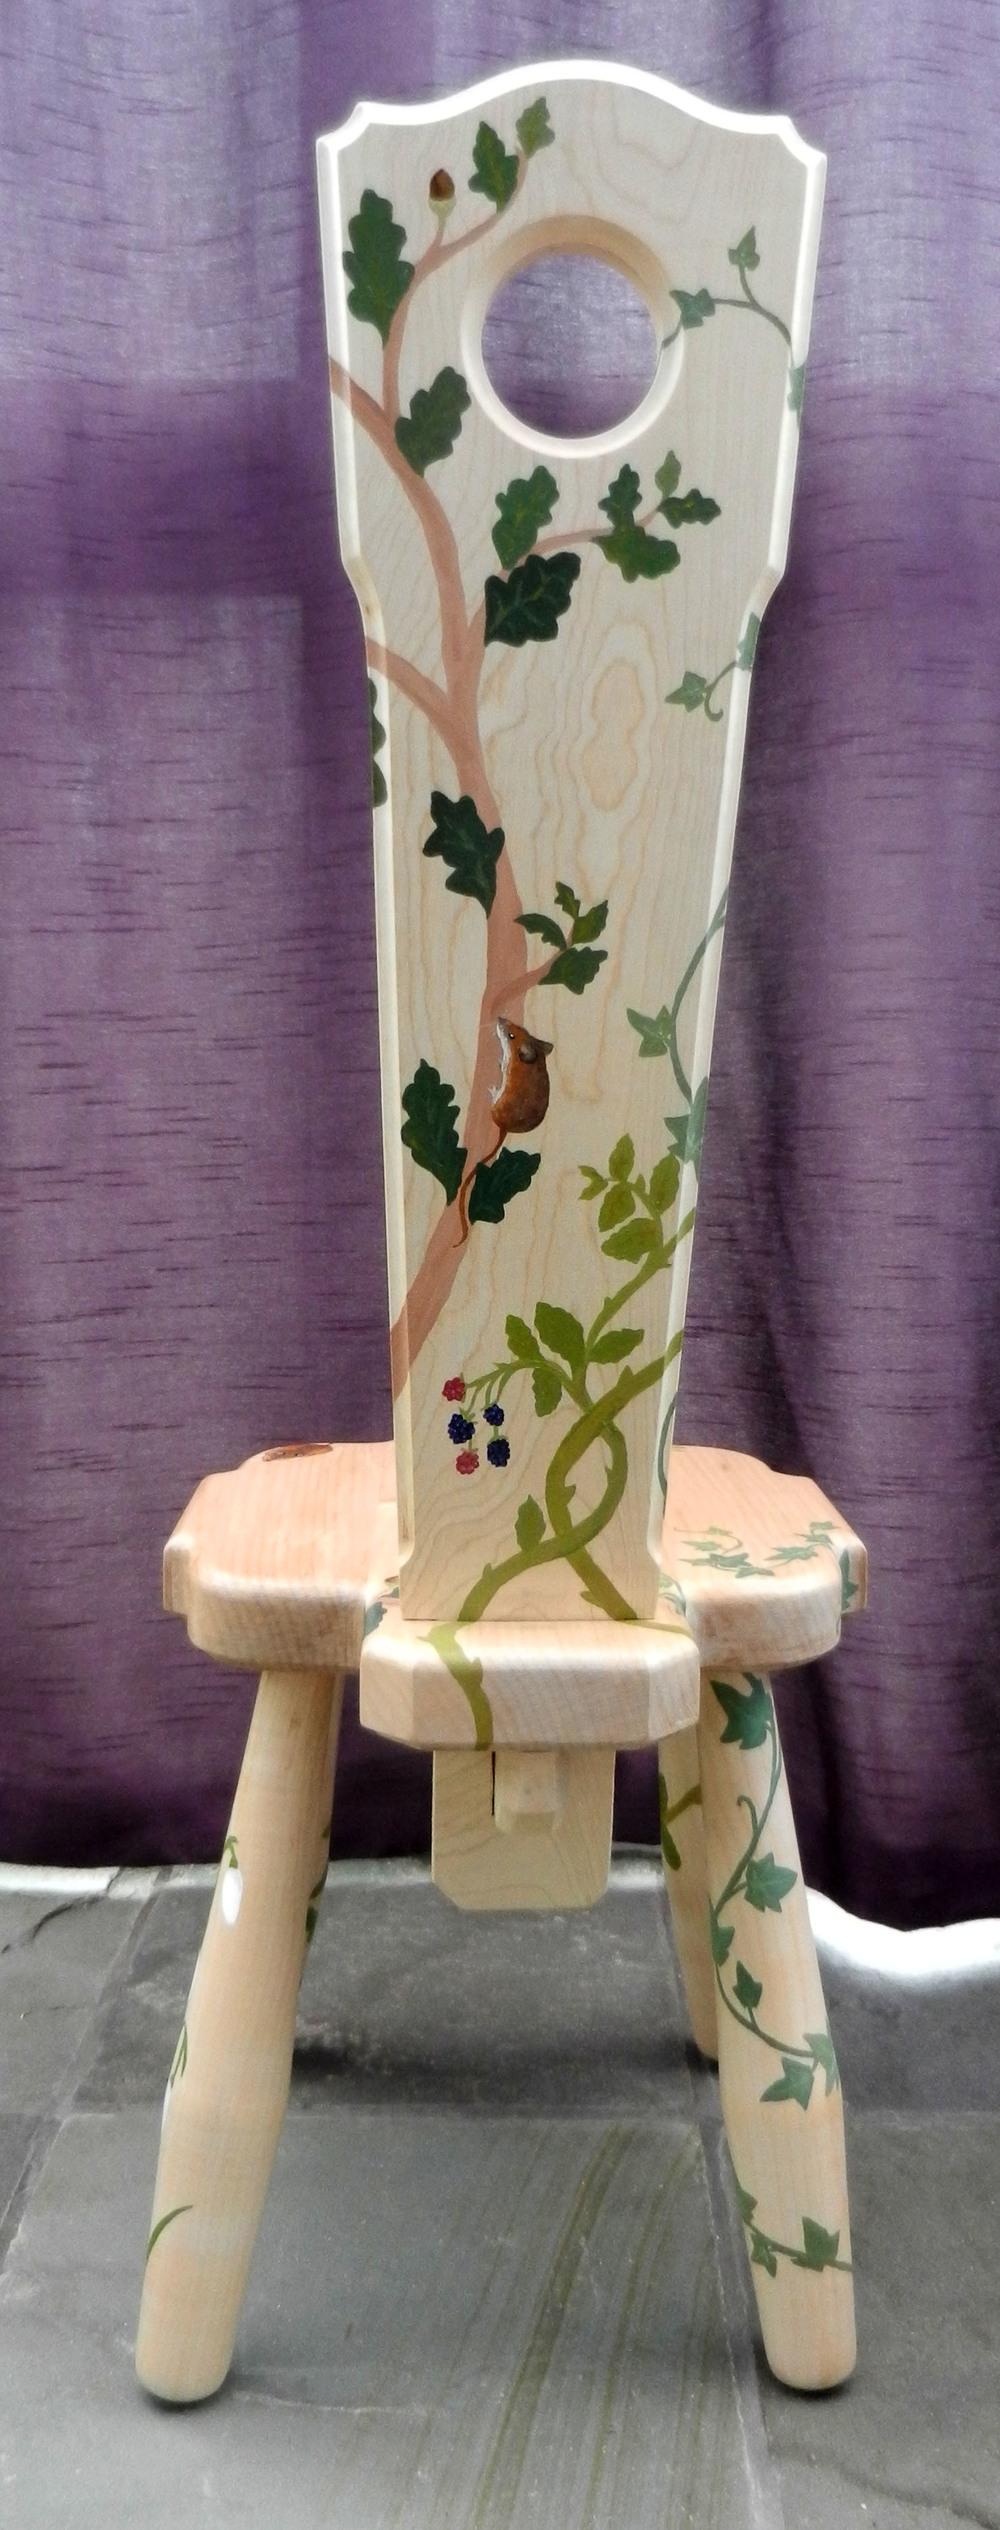 spinning stool 010.JPG